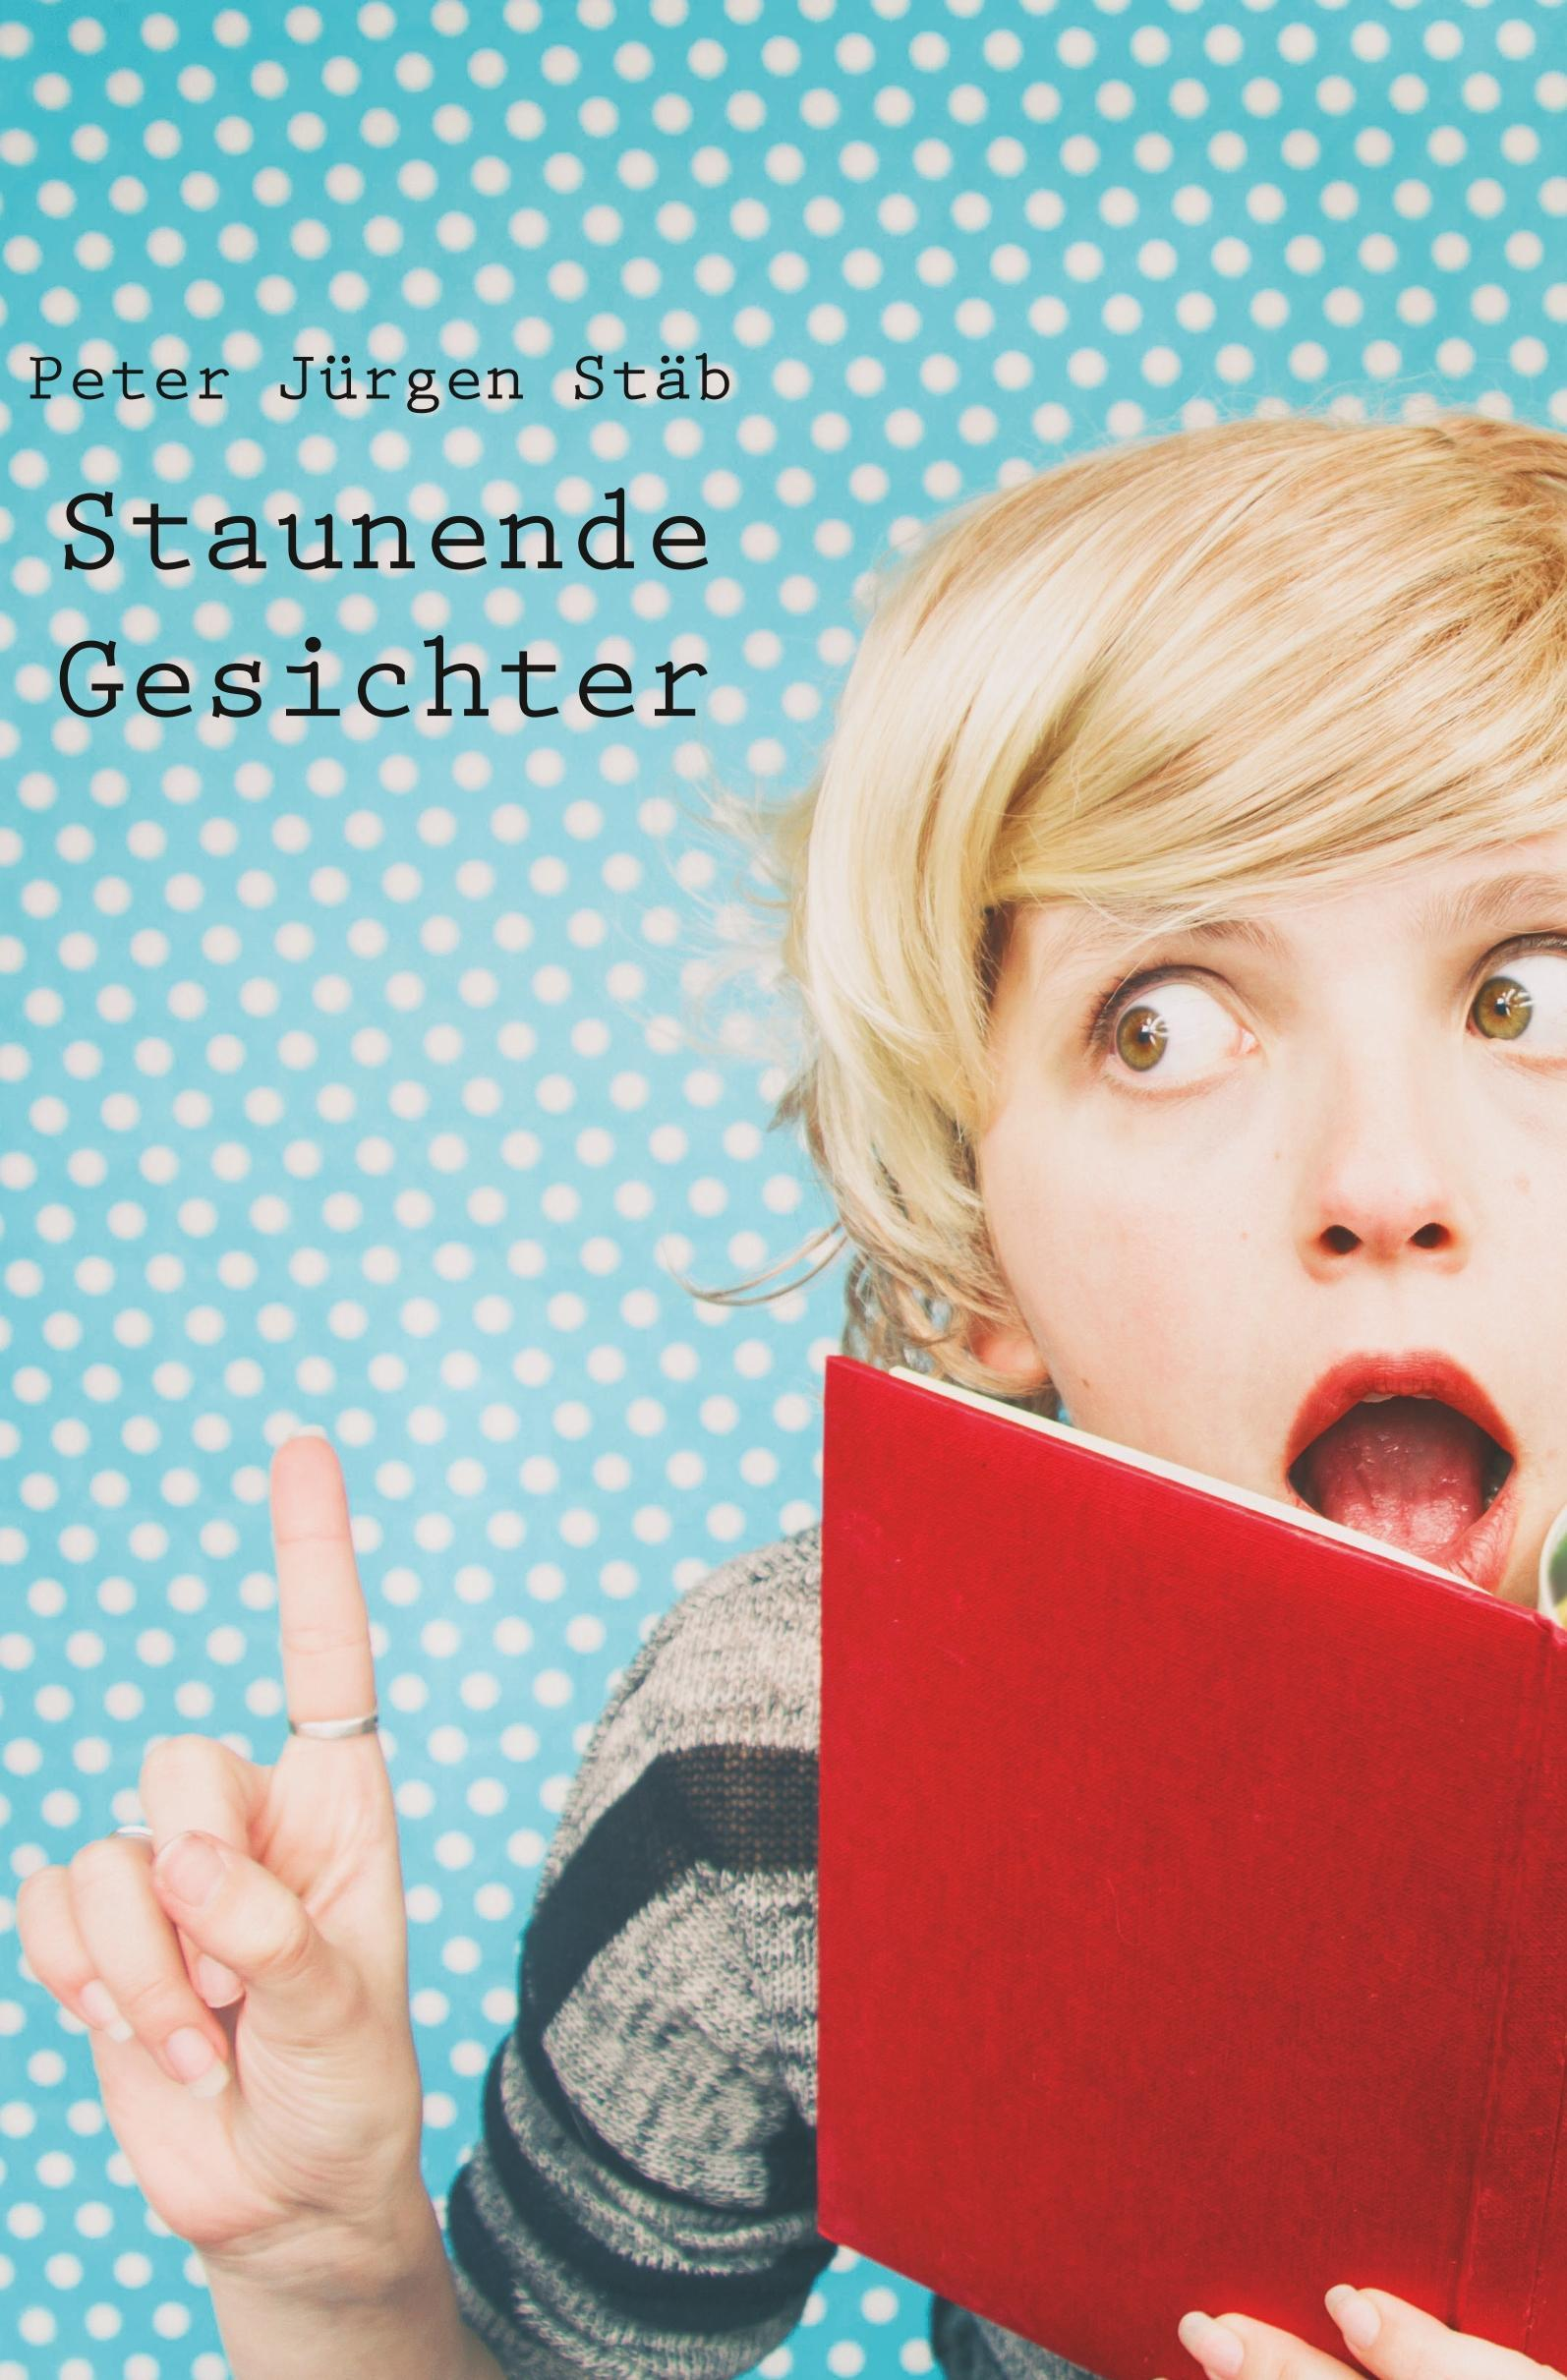 Staunende-Gesichter-Peter-Juergen-Staeb-Taschenbuch-Paperback-Deutsch-2017